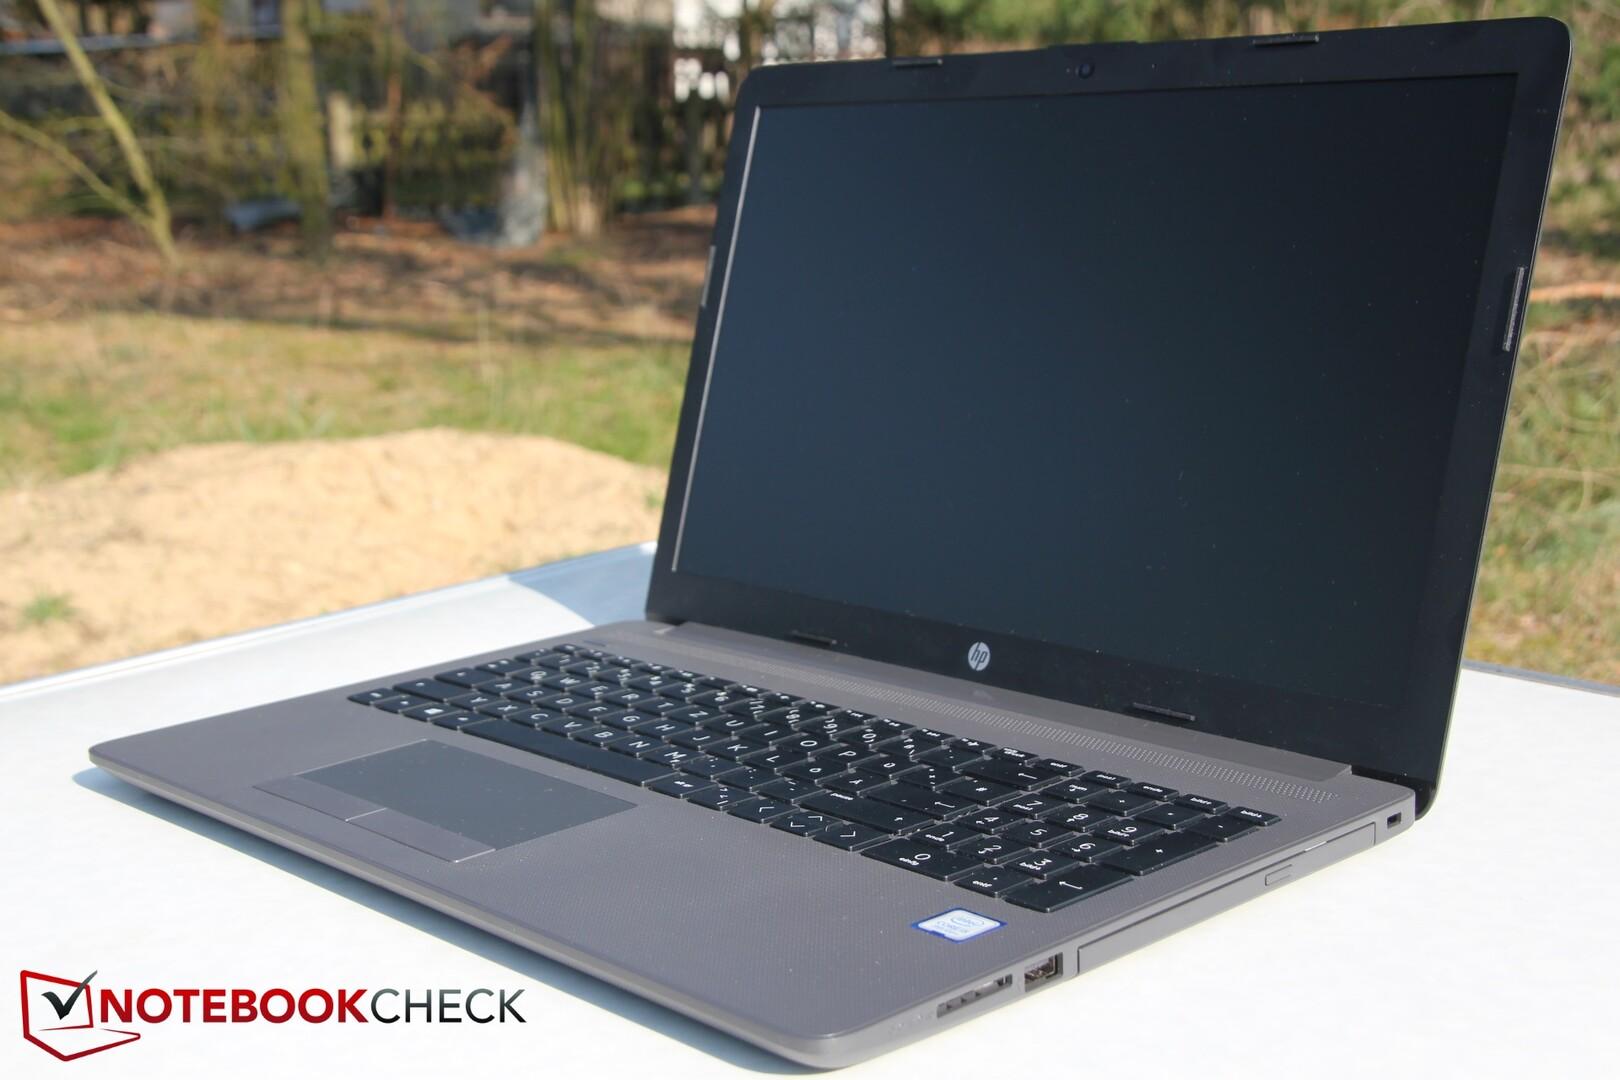 HP 250 G7 (Core i5-8265U, 8 GB RAM, FHD, 512 GB SSD) Laptop